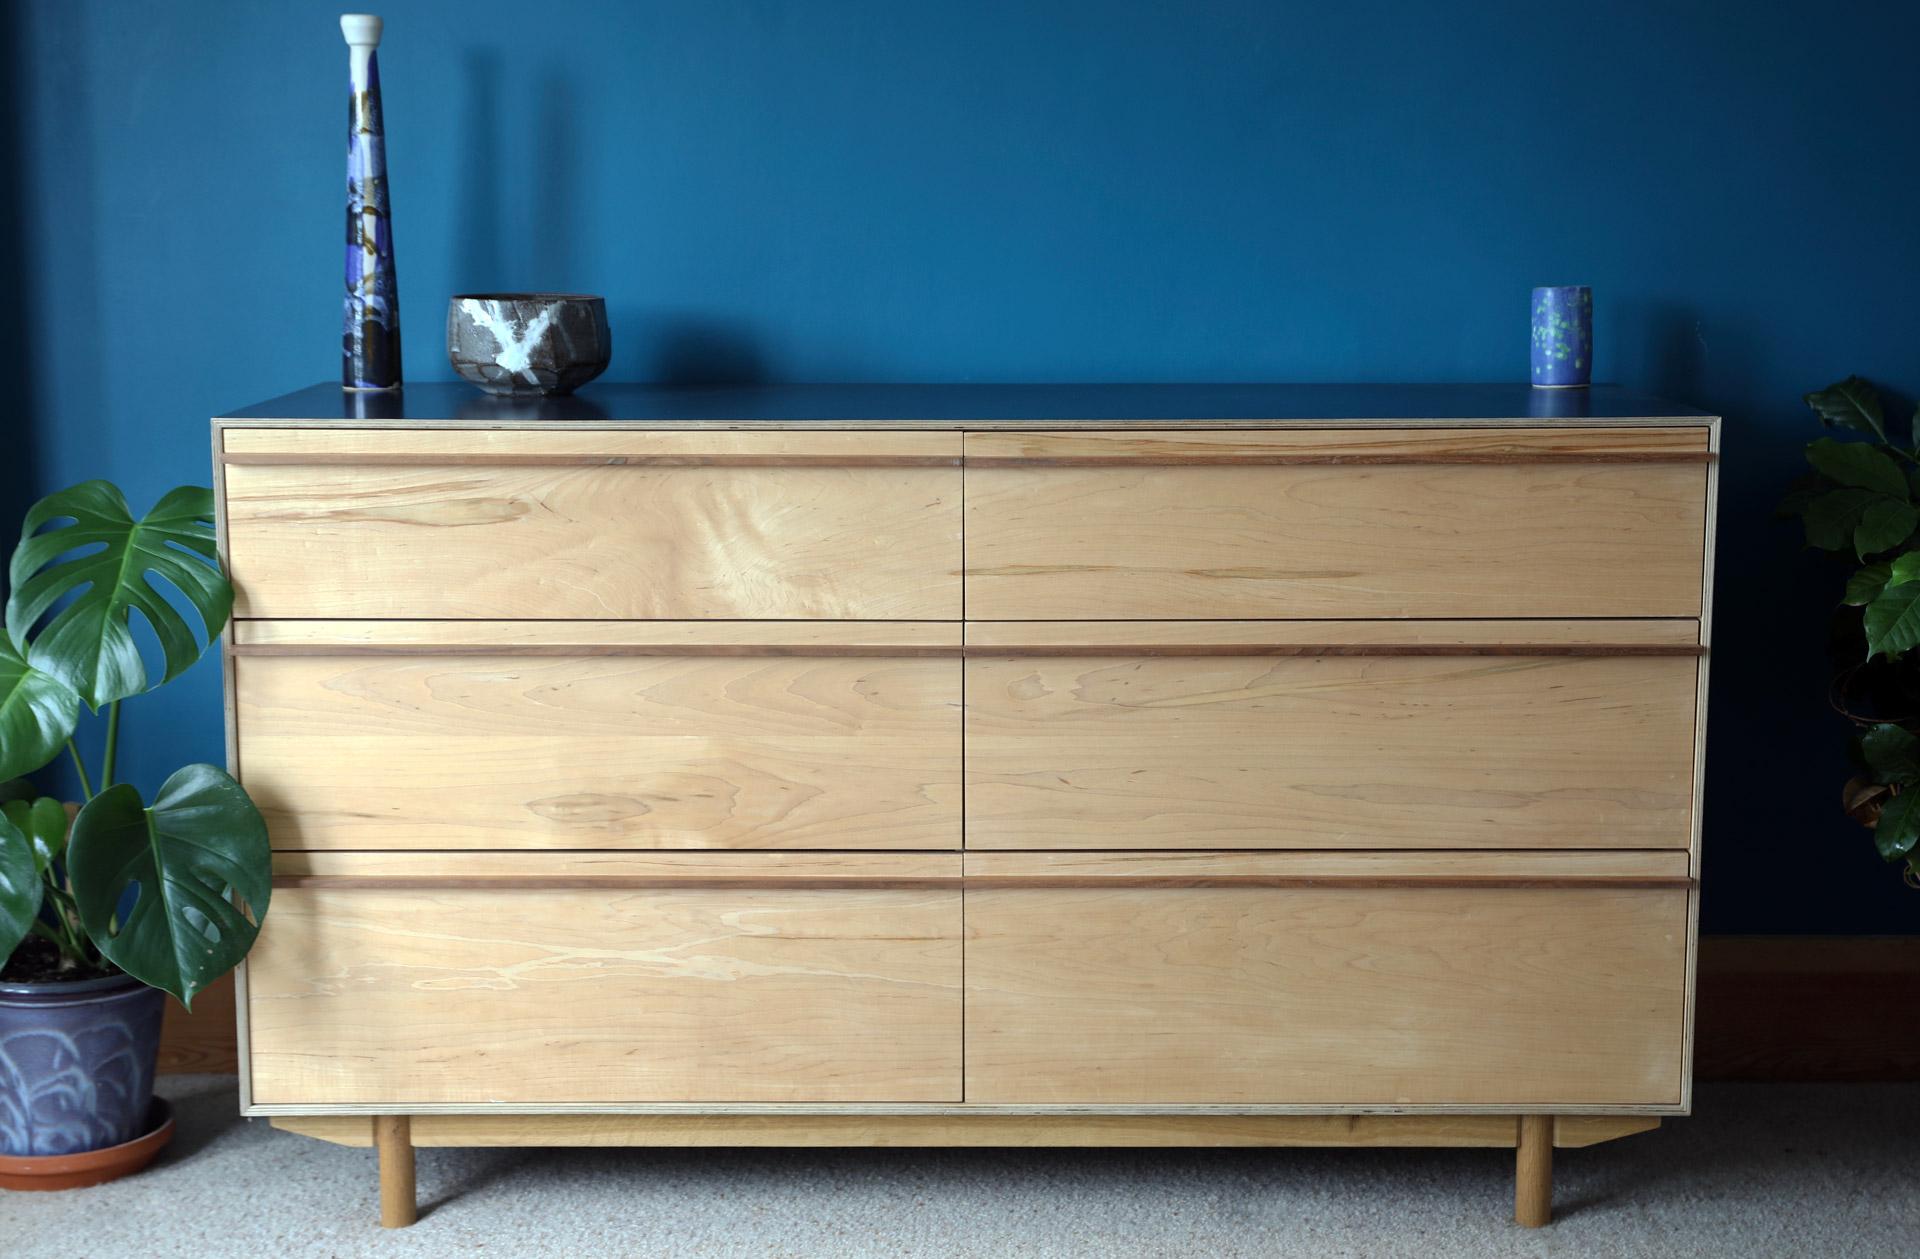 Gekko Designs Chest of drawers